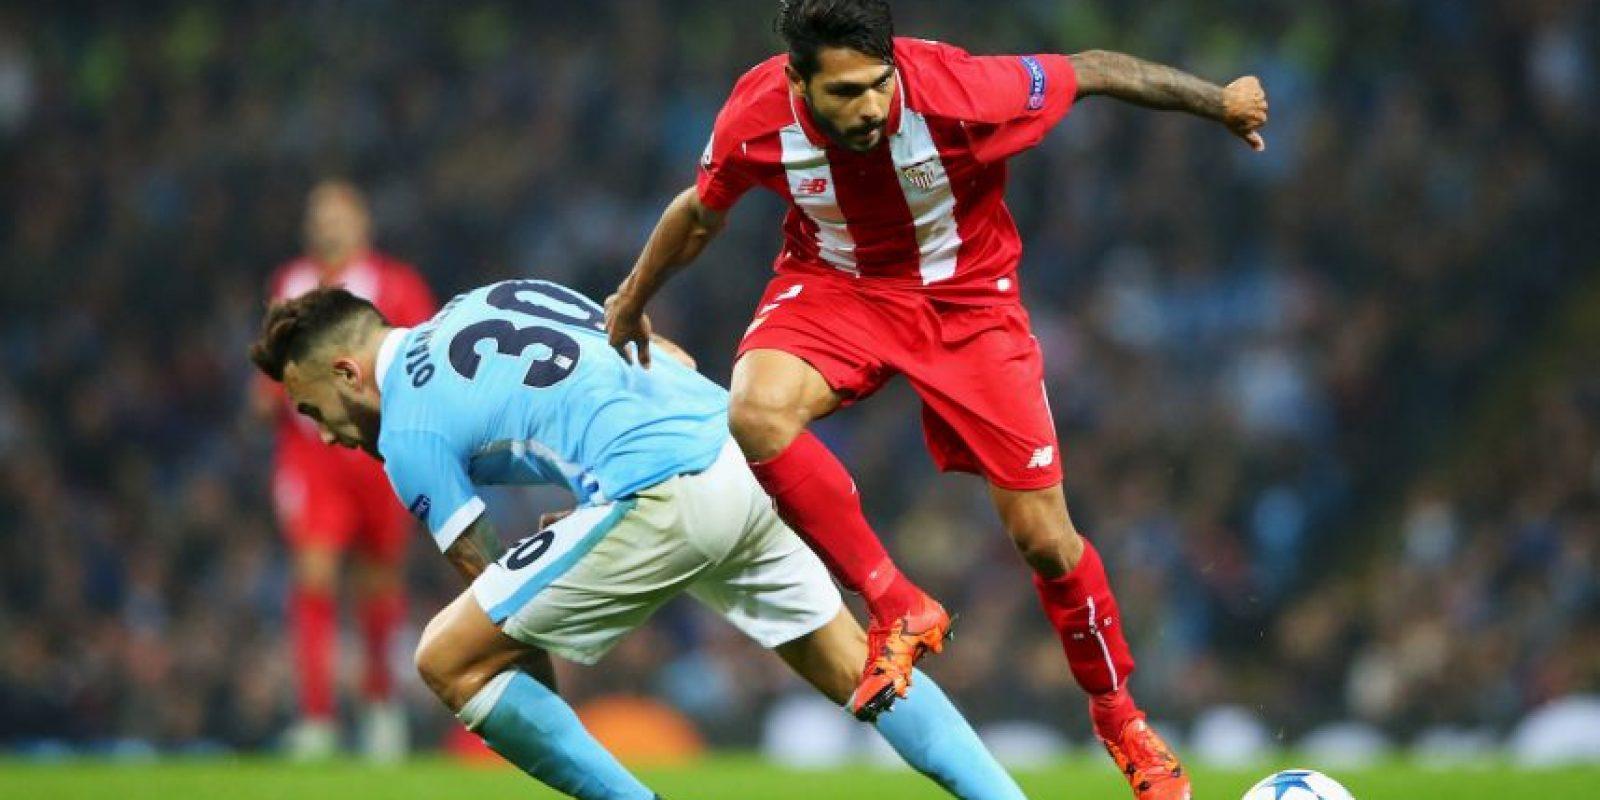 El City suma seis puntos, mientras que los españoles tienen tres y necesitan ganar para seguir con vida Foto:Getty Images